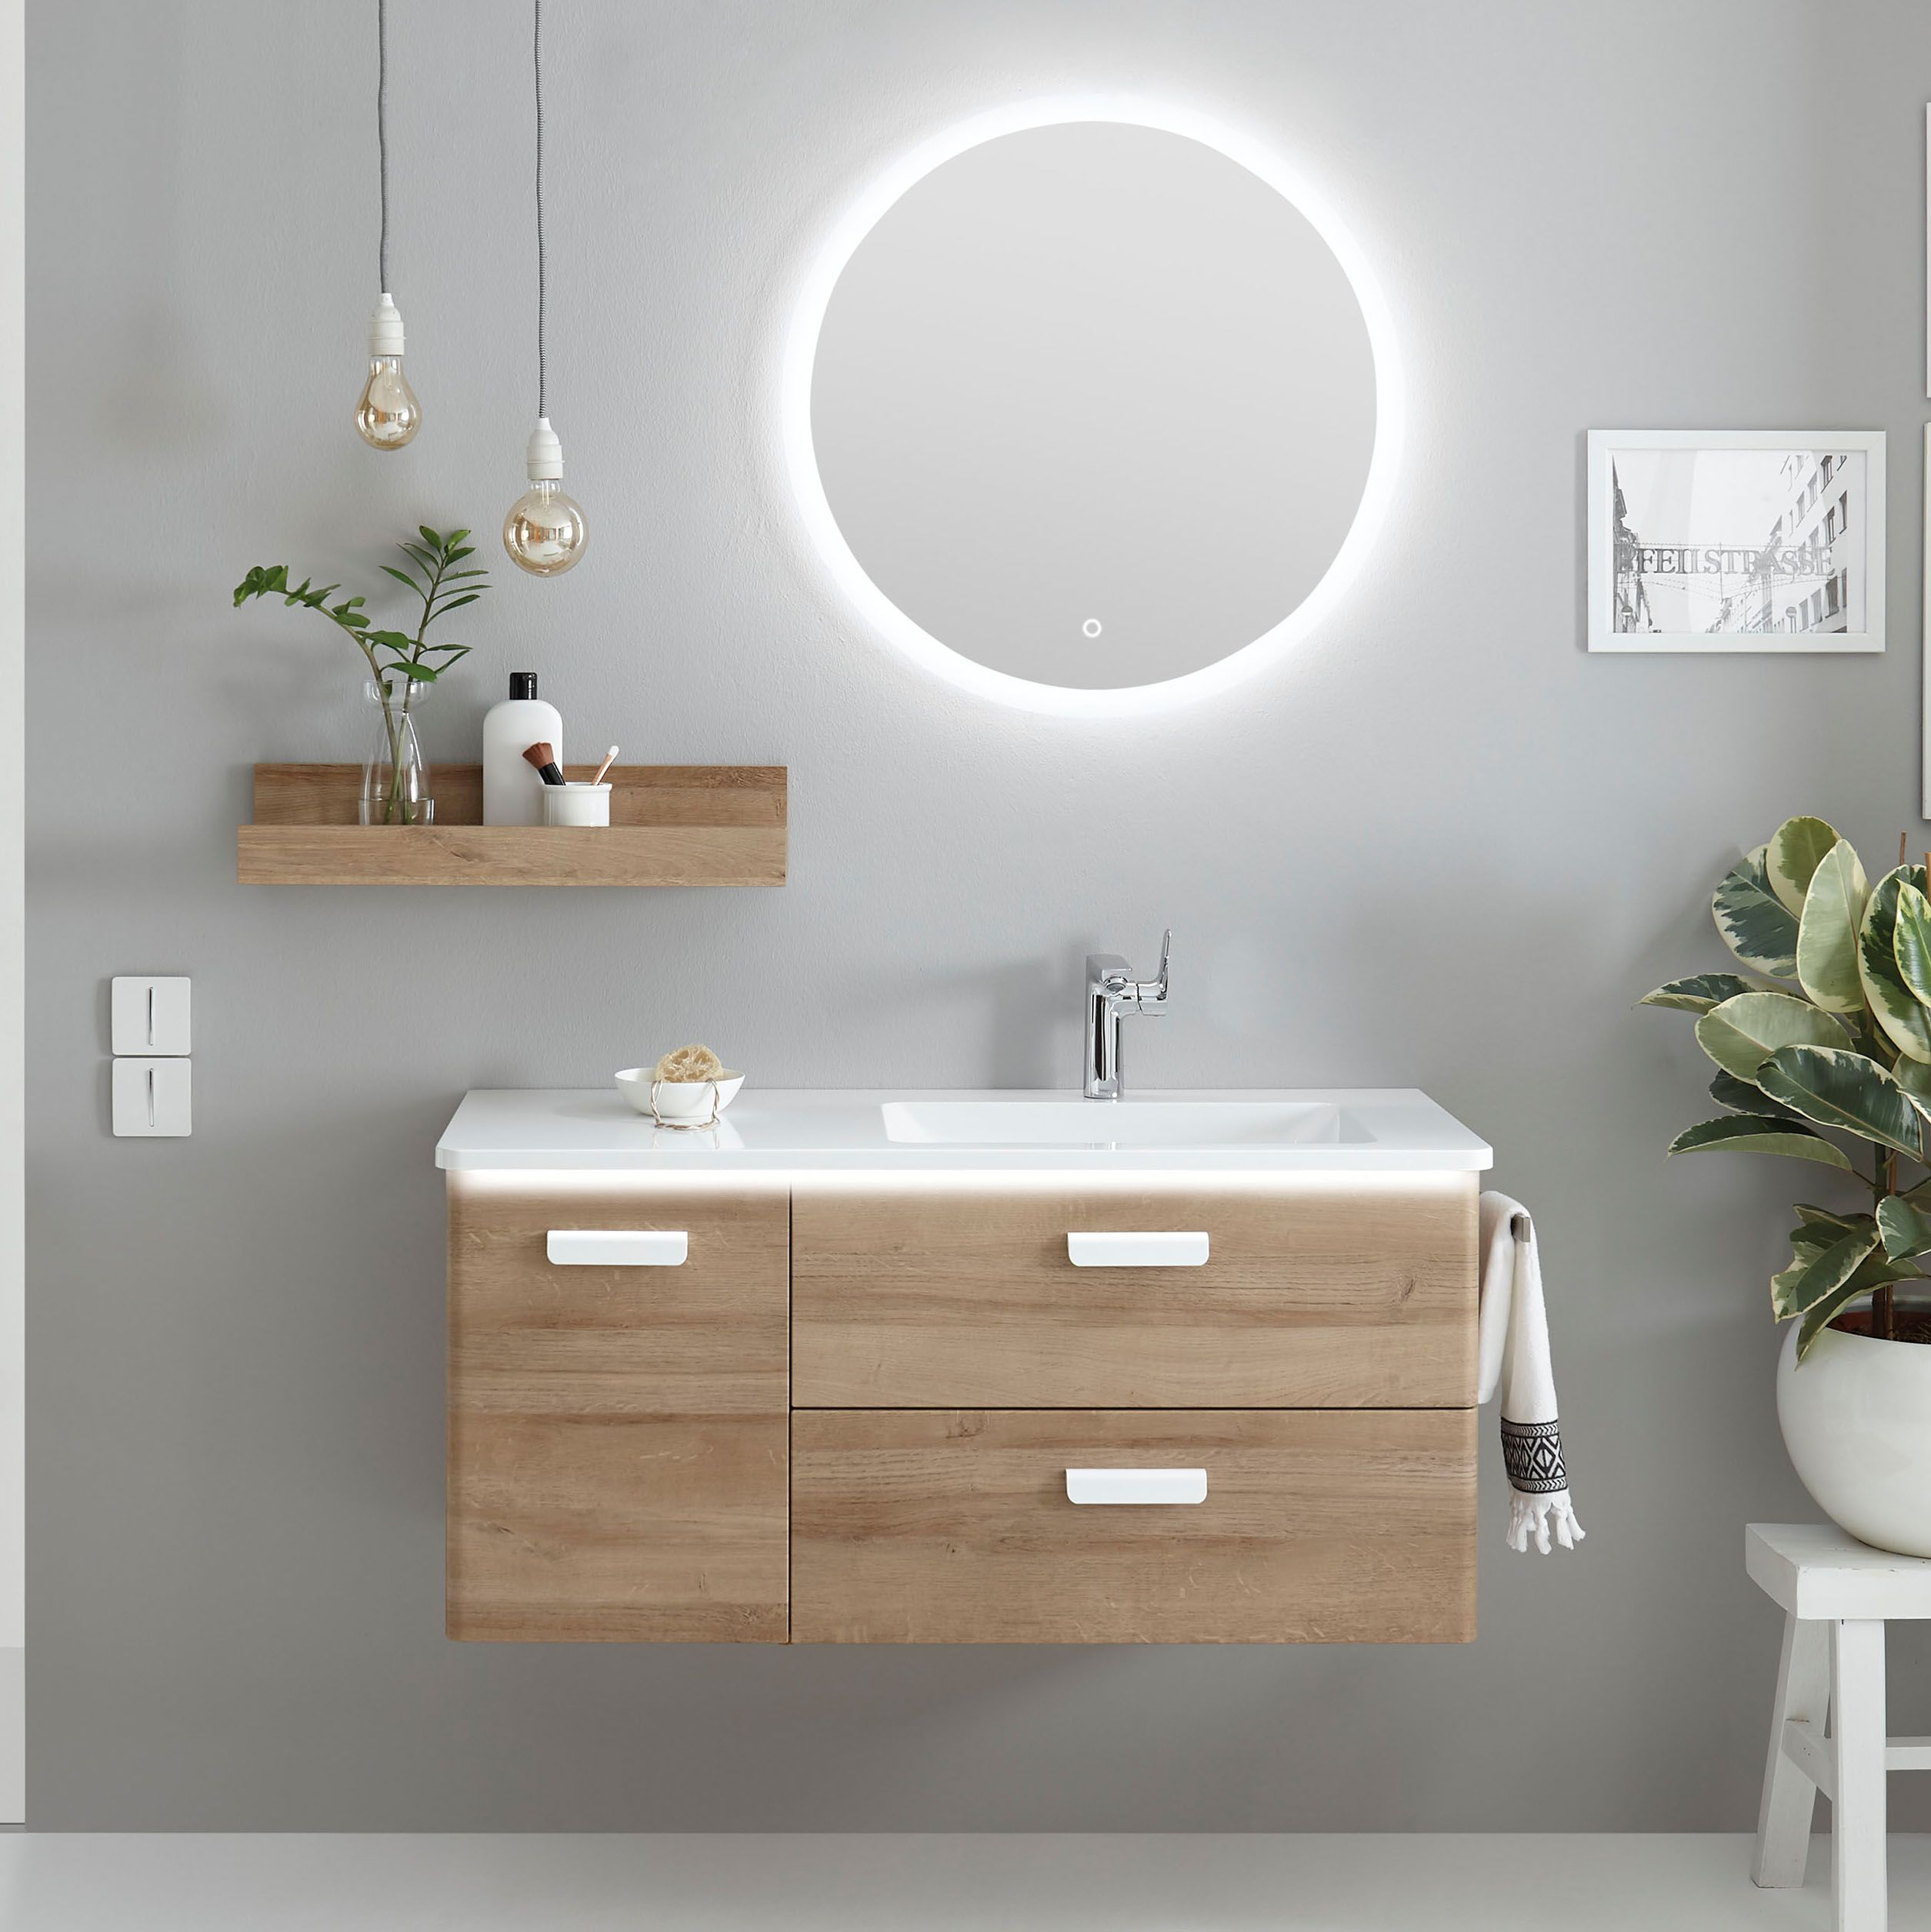 Neu Bei Uns Im Shop Mit Der Serie Solitaire 7035 Hat Sich Der Hersteller Wieder Architektur Und Wohnen Badezimmer Inspiration